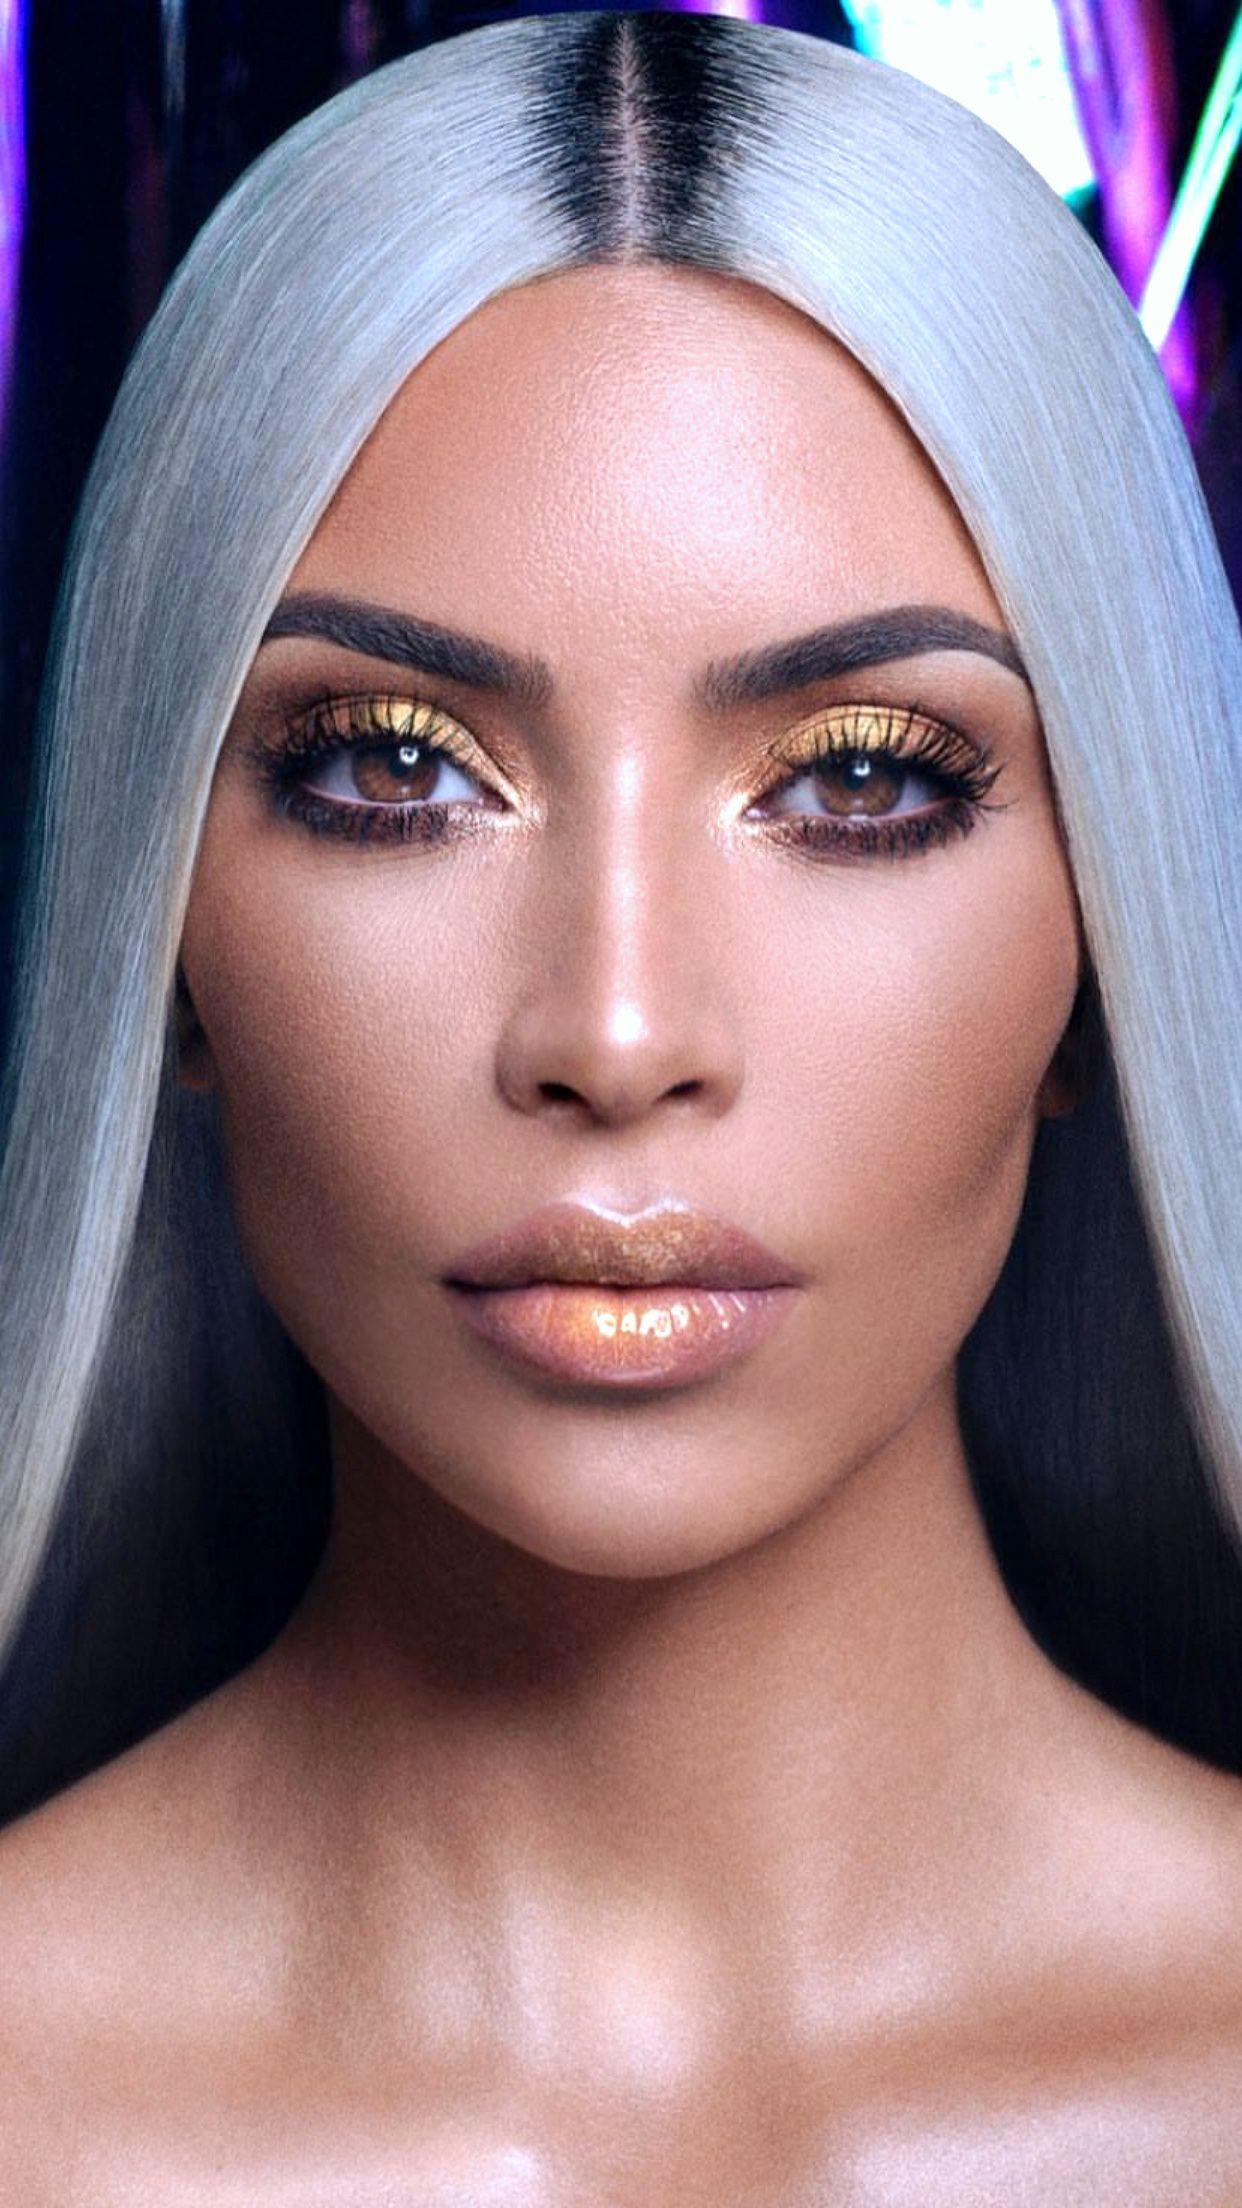 Pin by 𝖑𝖊𝖙𝖎𝖈𝖎𝖆 🦋 on KIM KARDASHIAN WEST   Kim kardashian